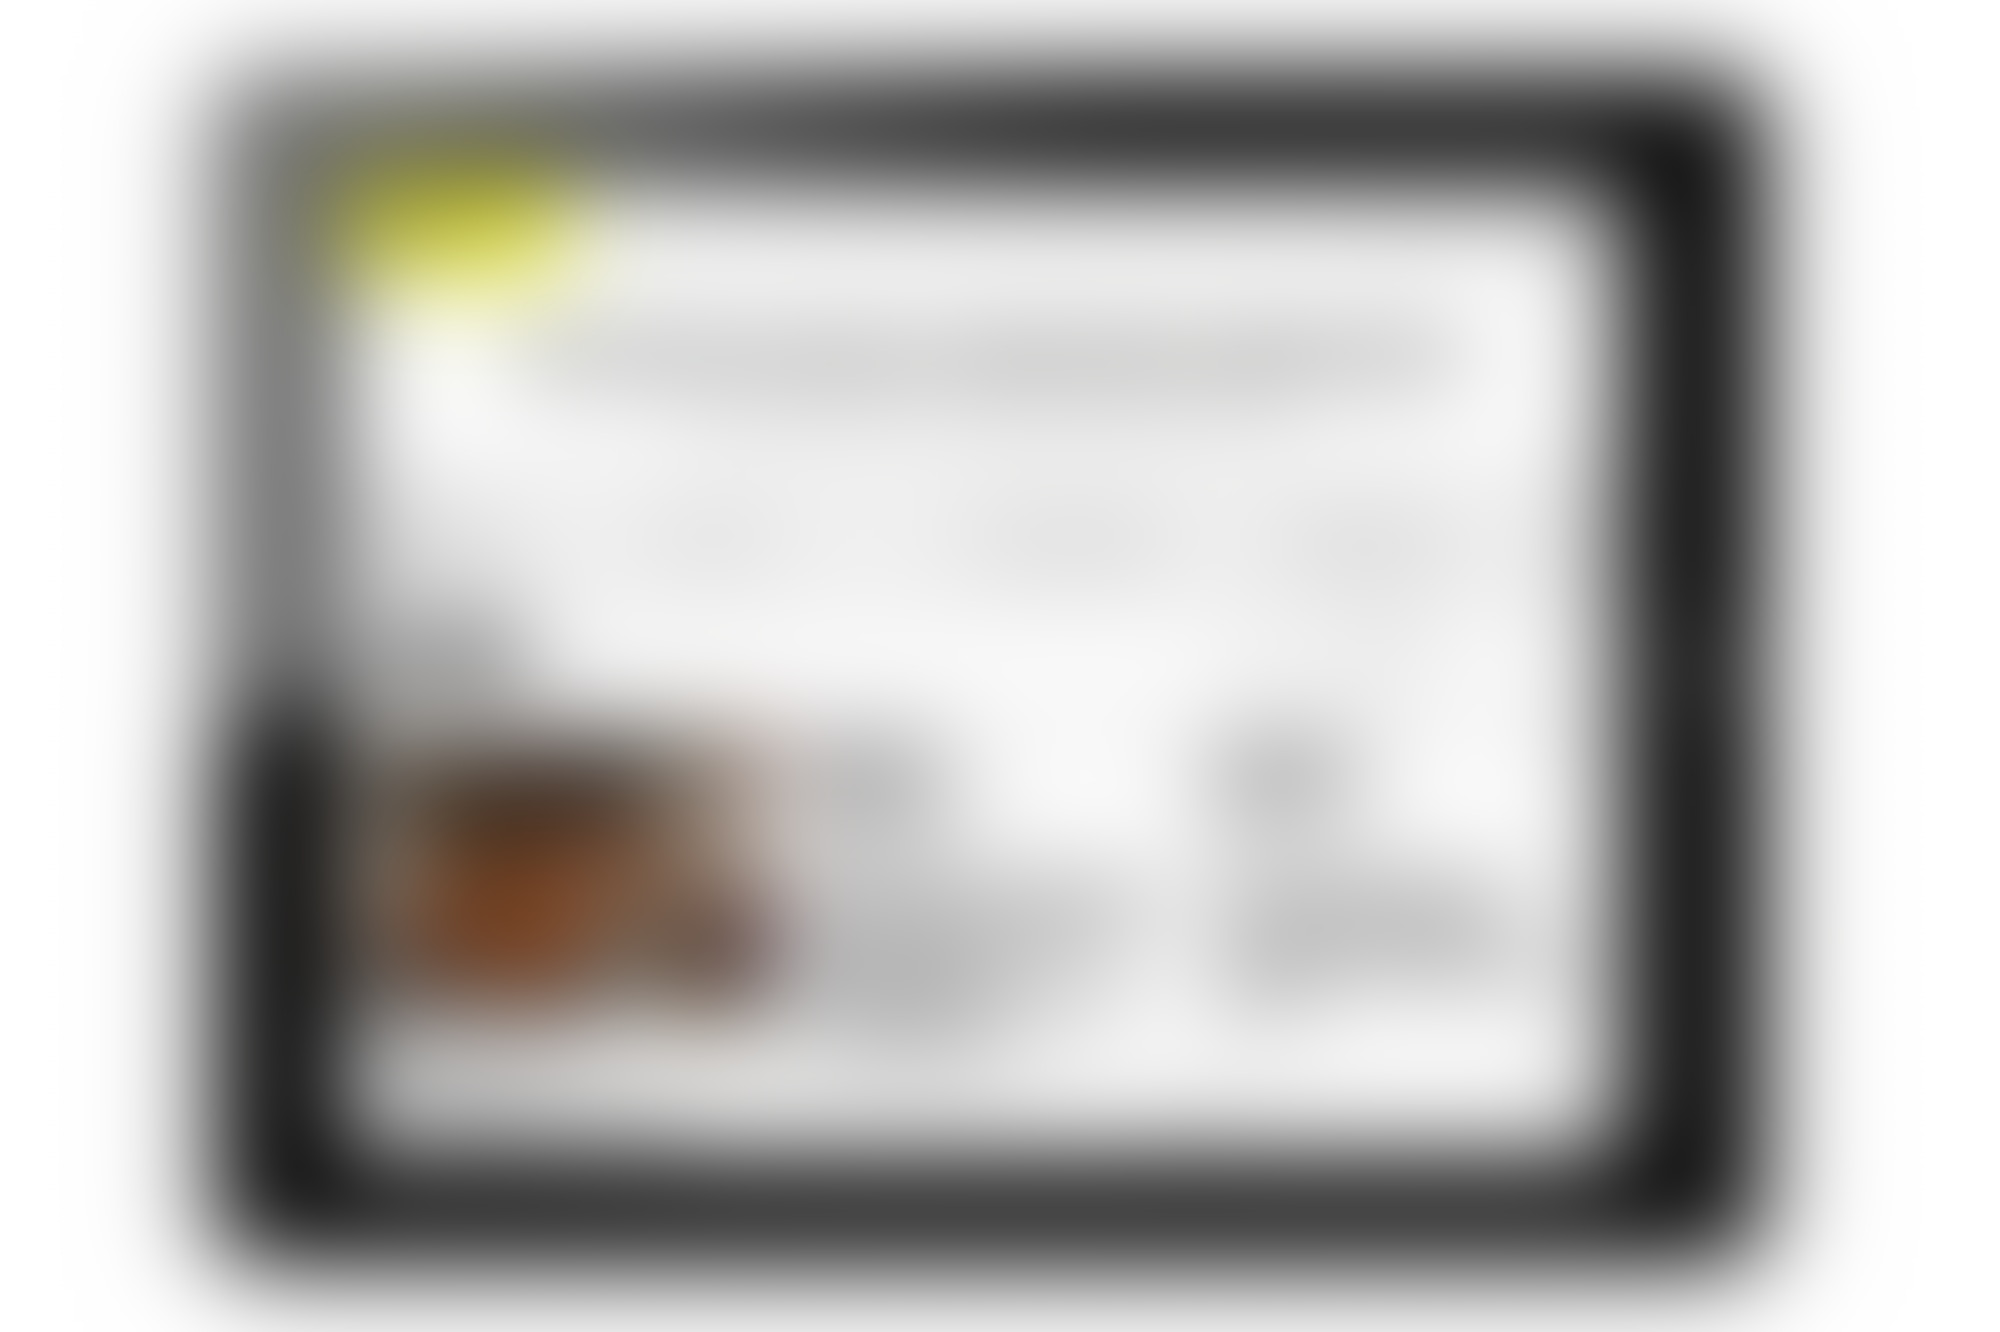 Tablet autocompressfitresizeixlibphp 1 1 0max h2000max w3 D2000q80s82e33a3cc2eda8108c73e826c06bb65e